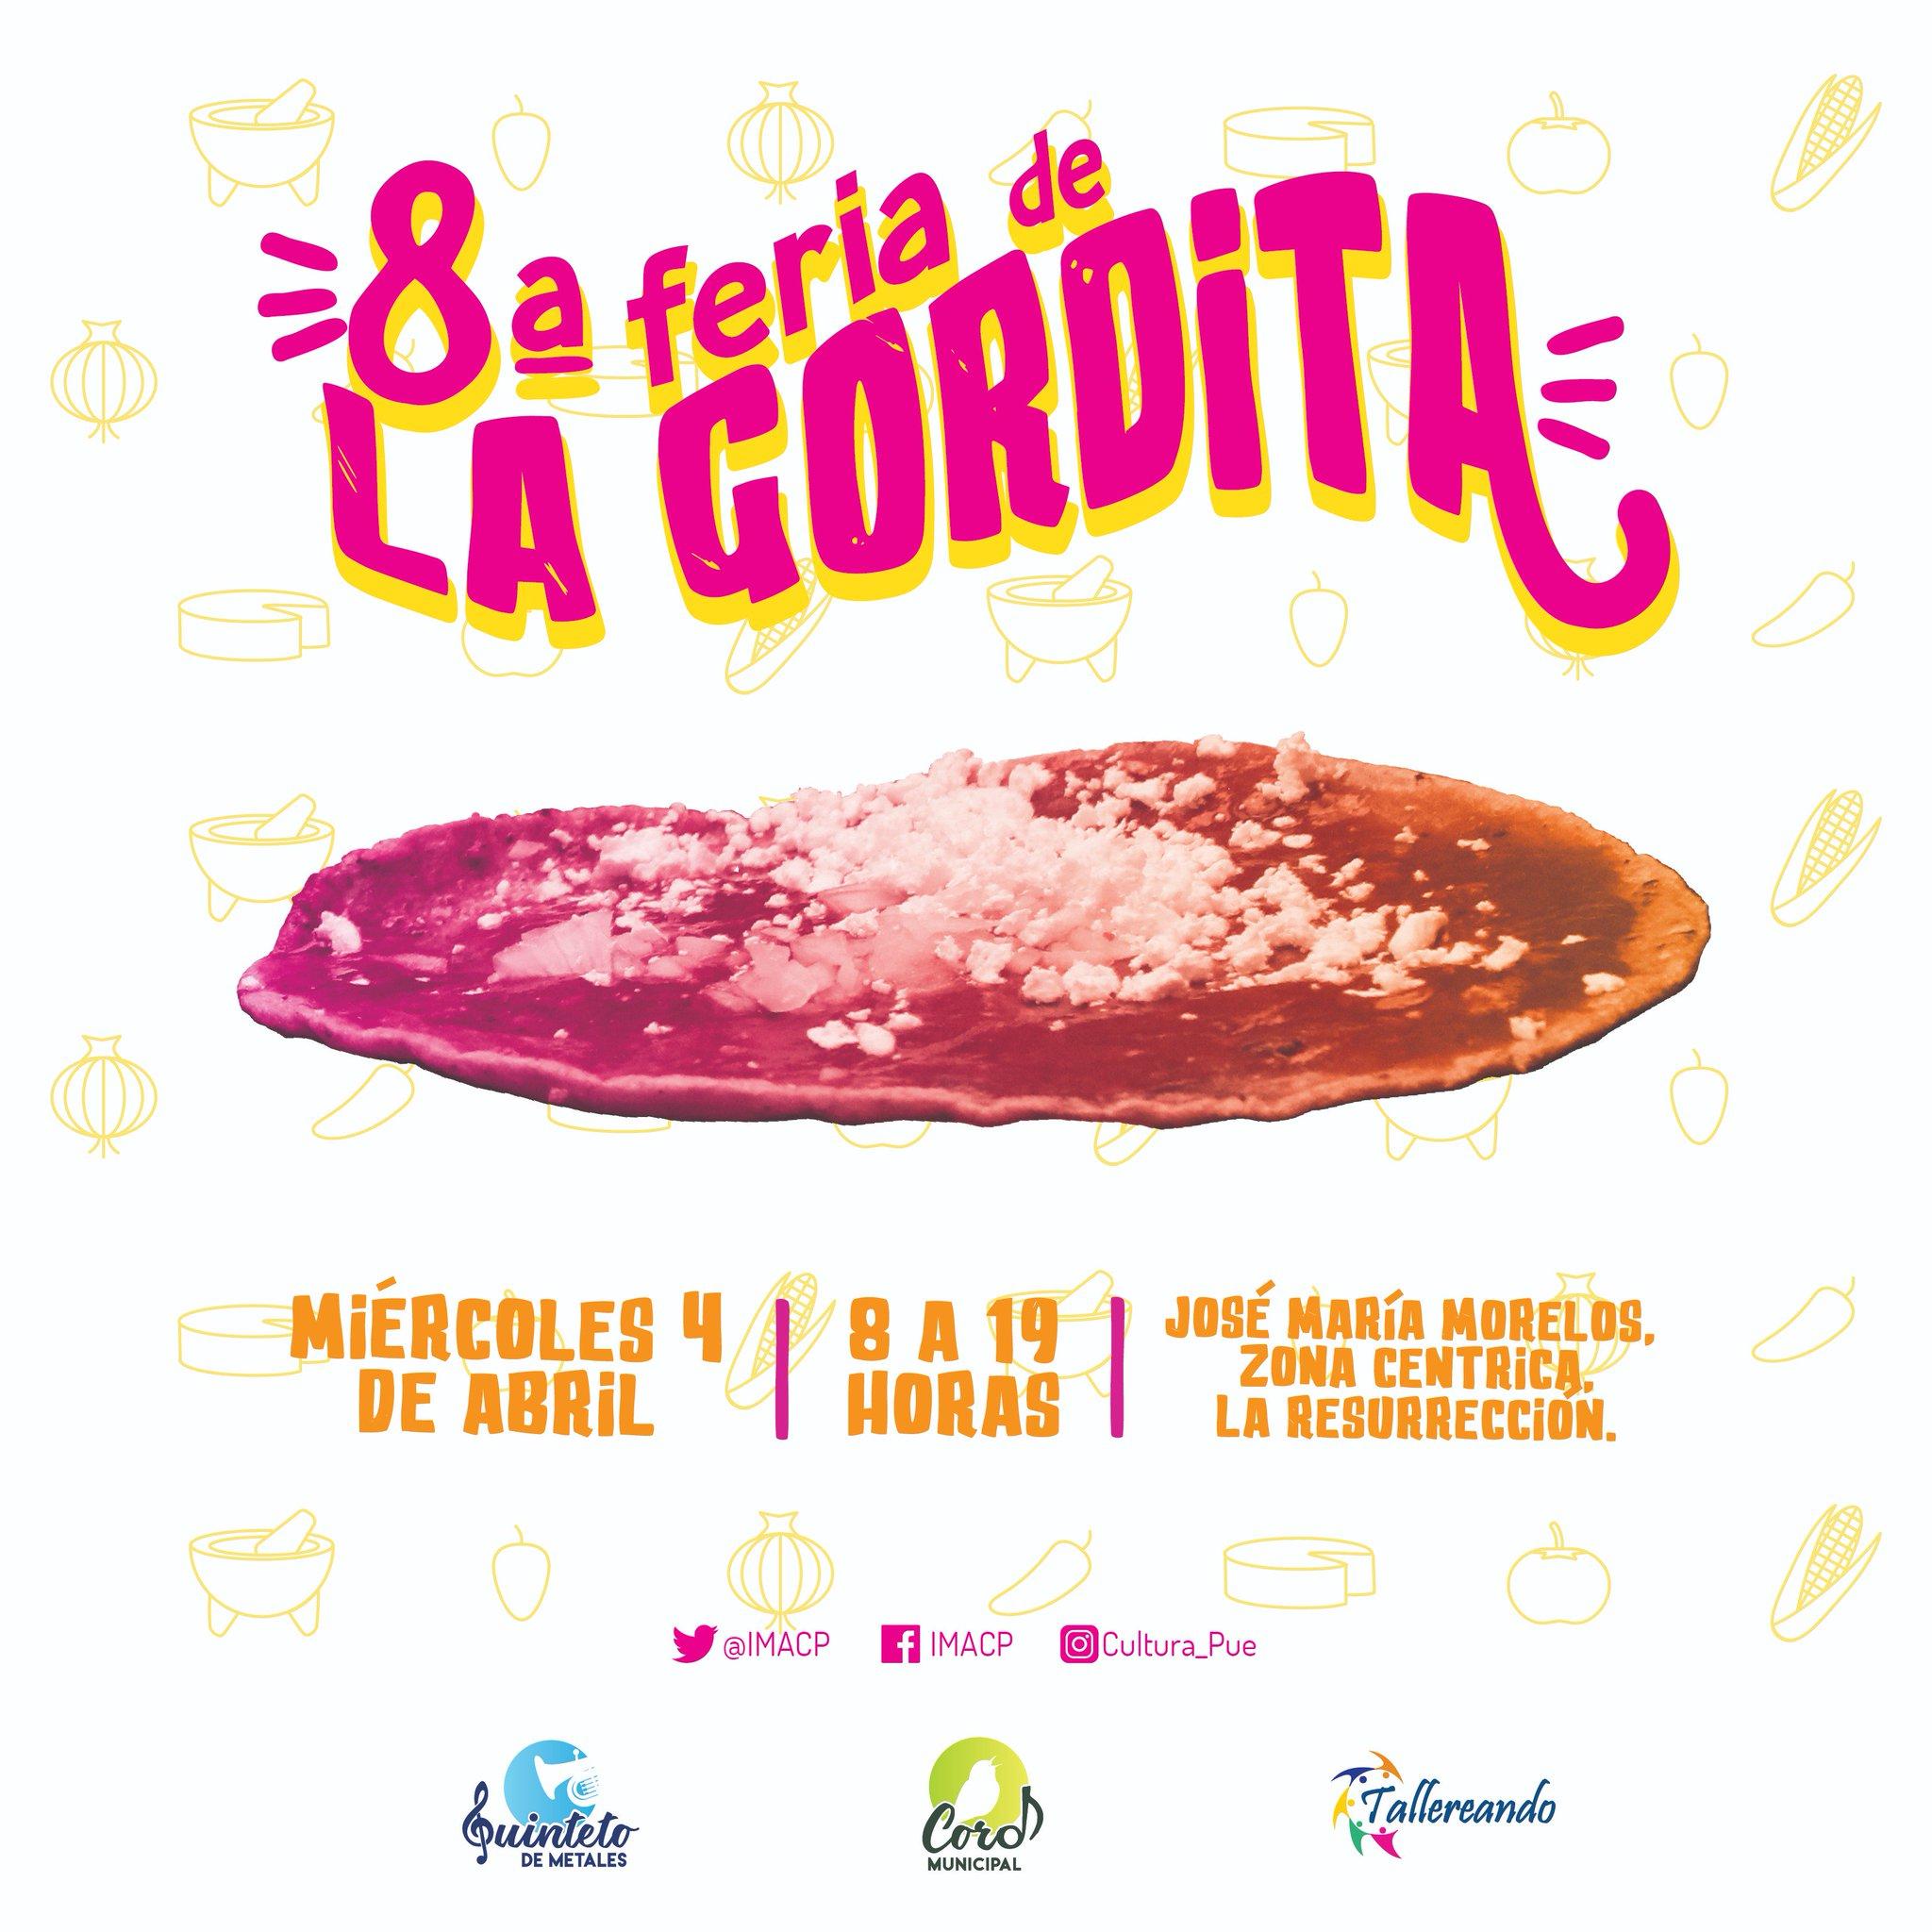 Cartel oficial de la Feria de la Gordita 2018